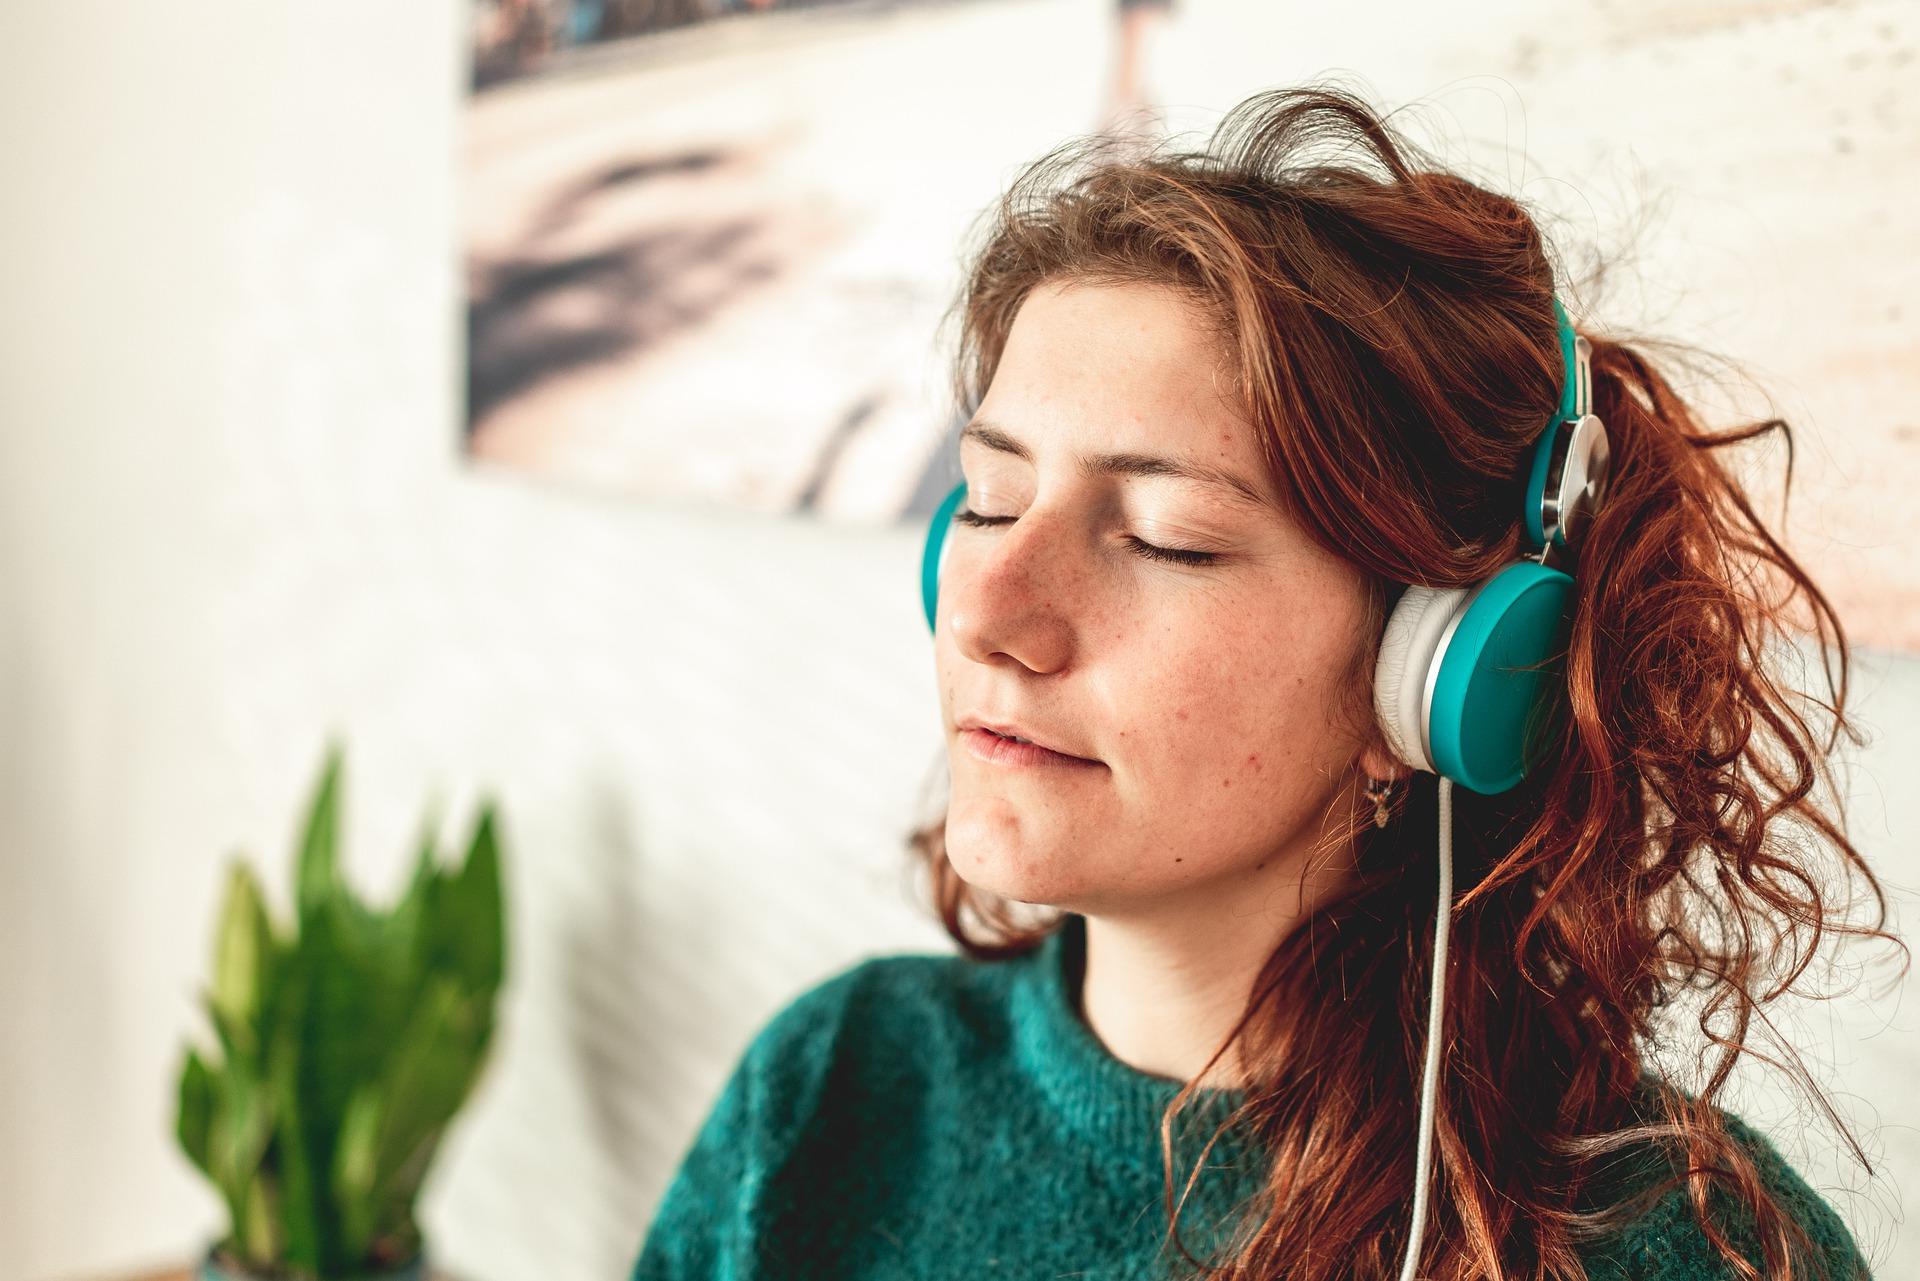 Unos auriculares con música pueden ser de gran ayuda para las personas con misofonía.